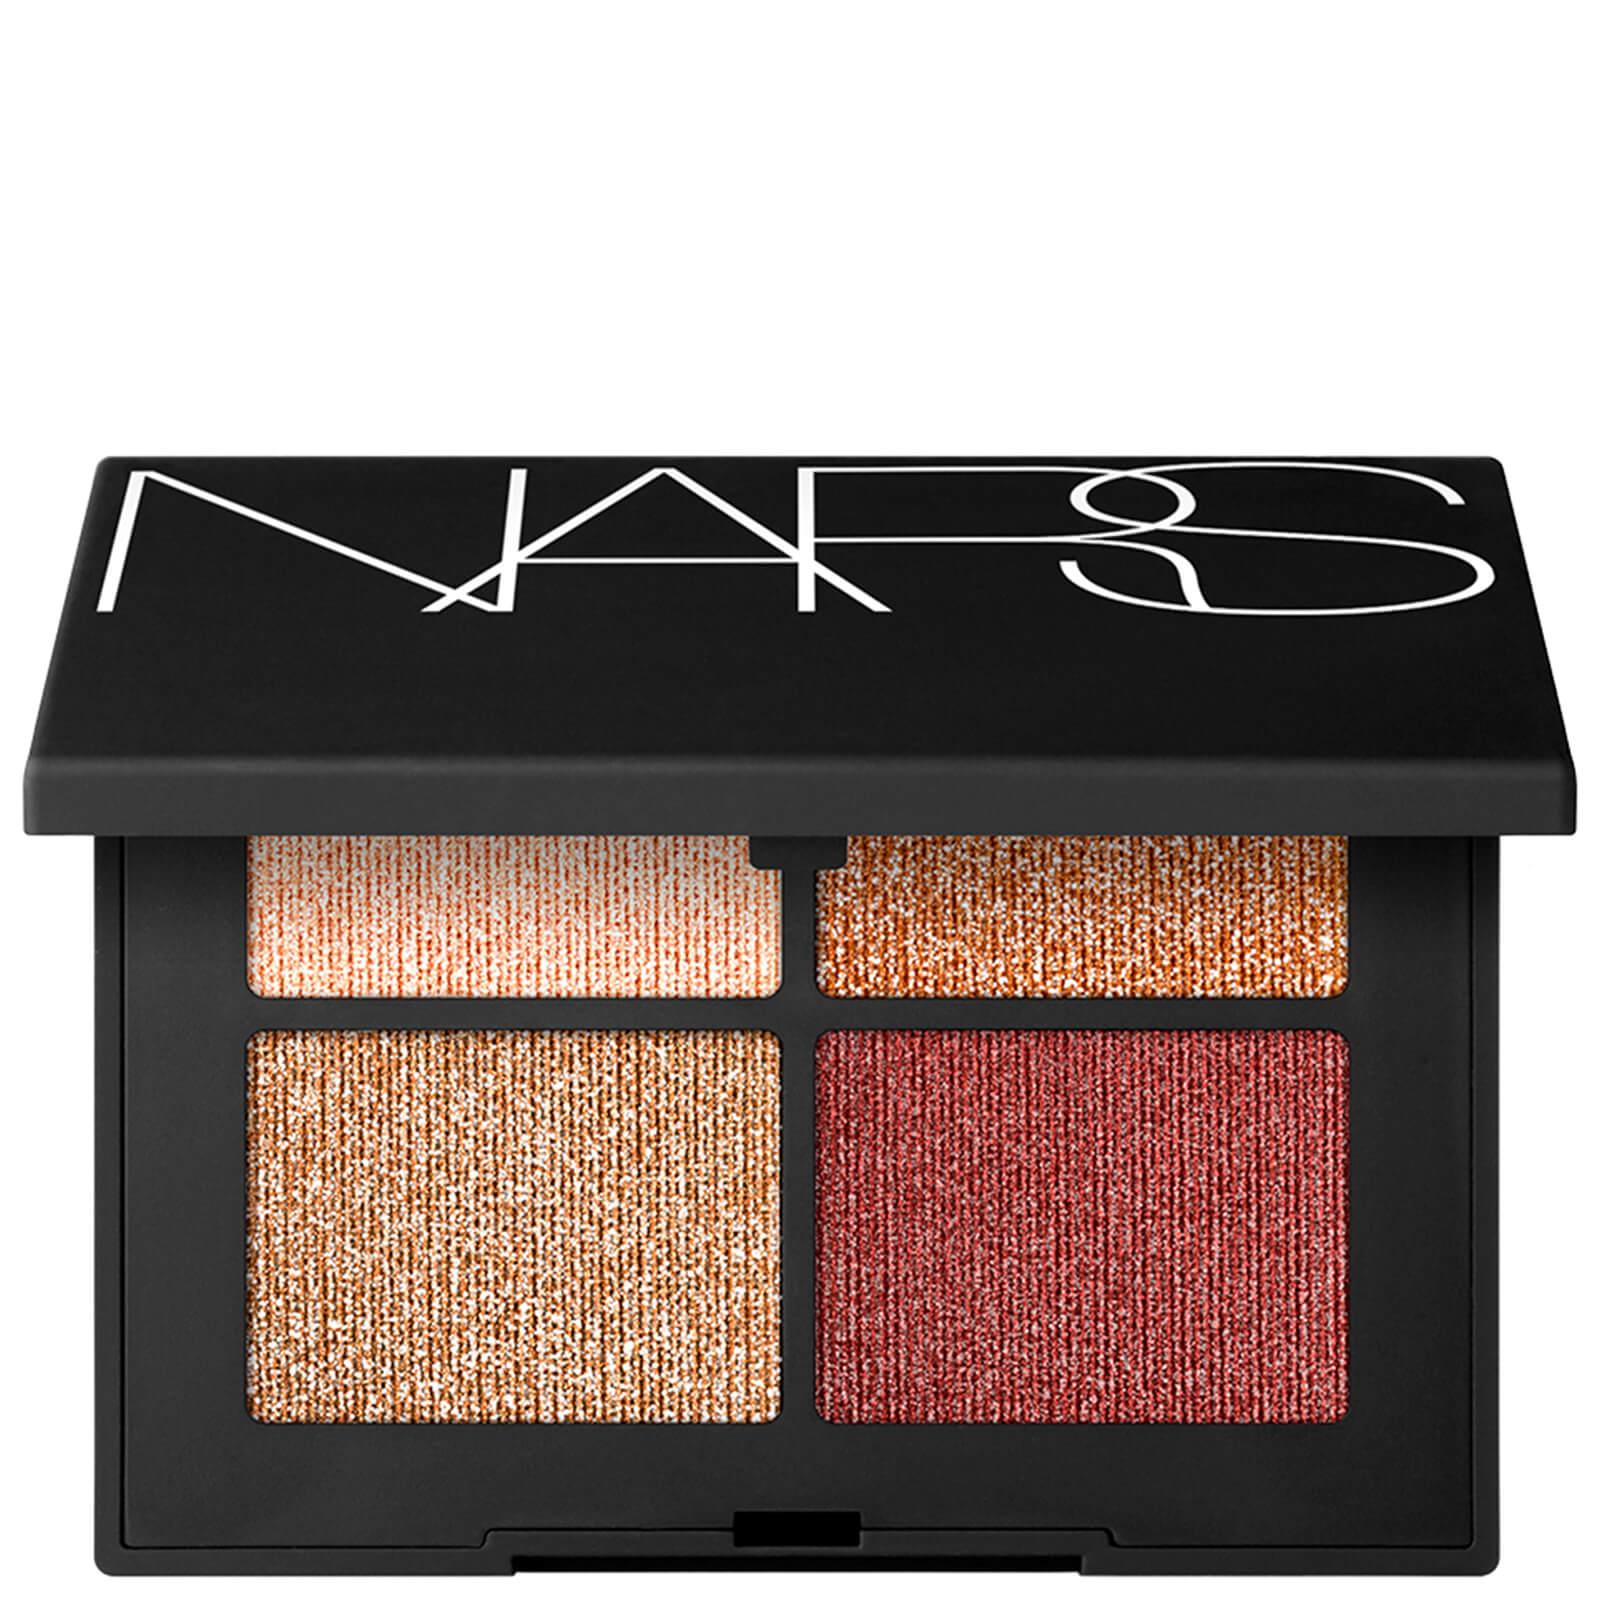 NARS Cosmetics Eyeshadow Quad - Singapore 5g